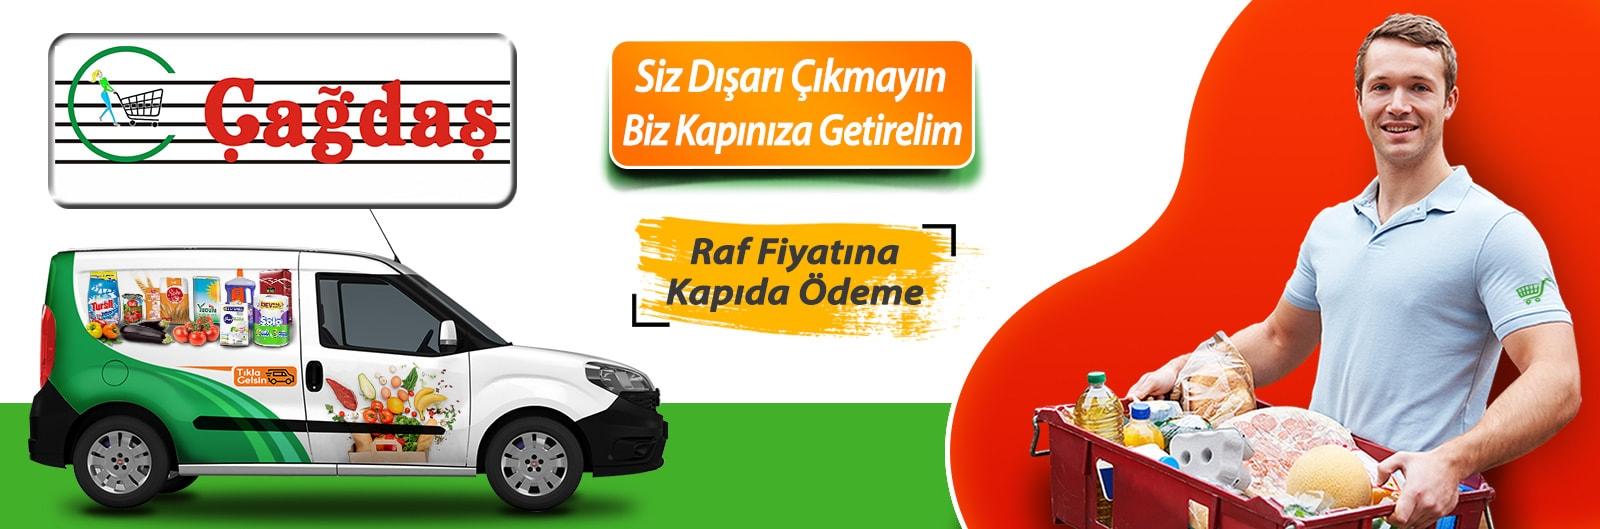 erenköy çağdaş online market siparişi